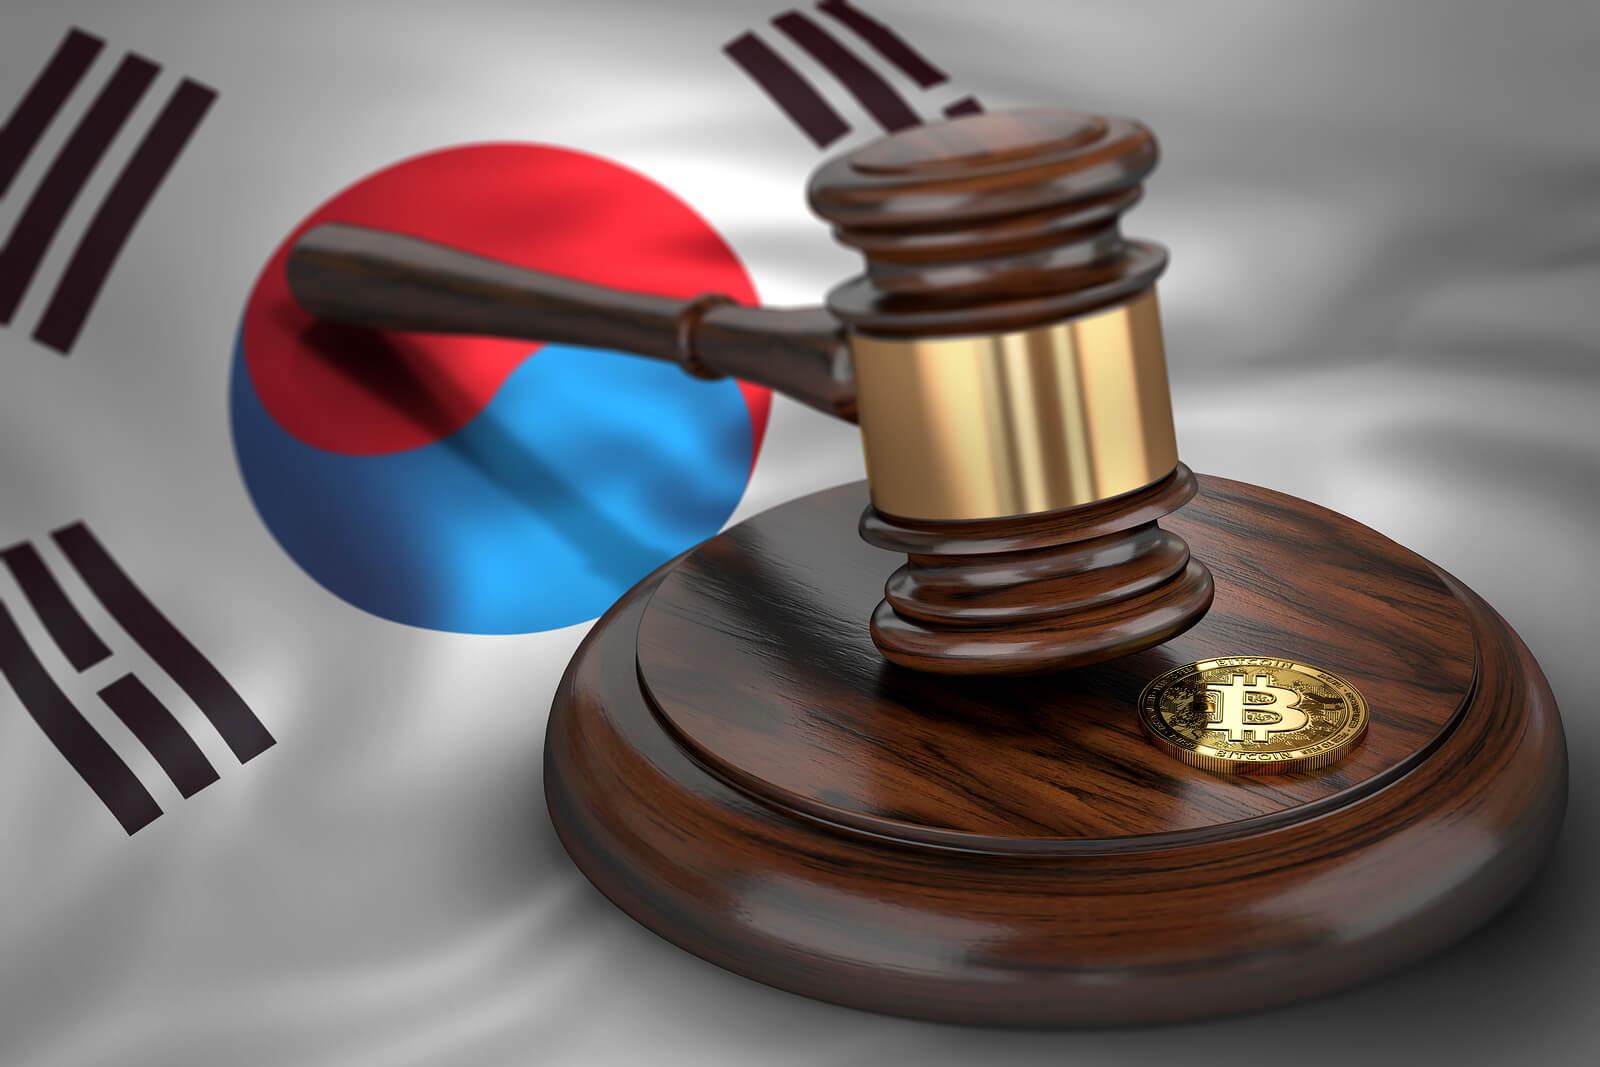 Регулятор Южной Кореи предупредил 12 бирж